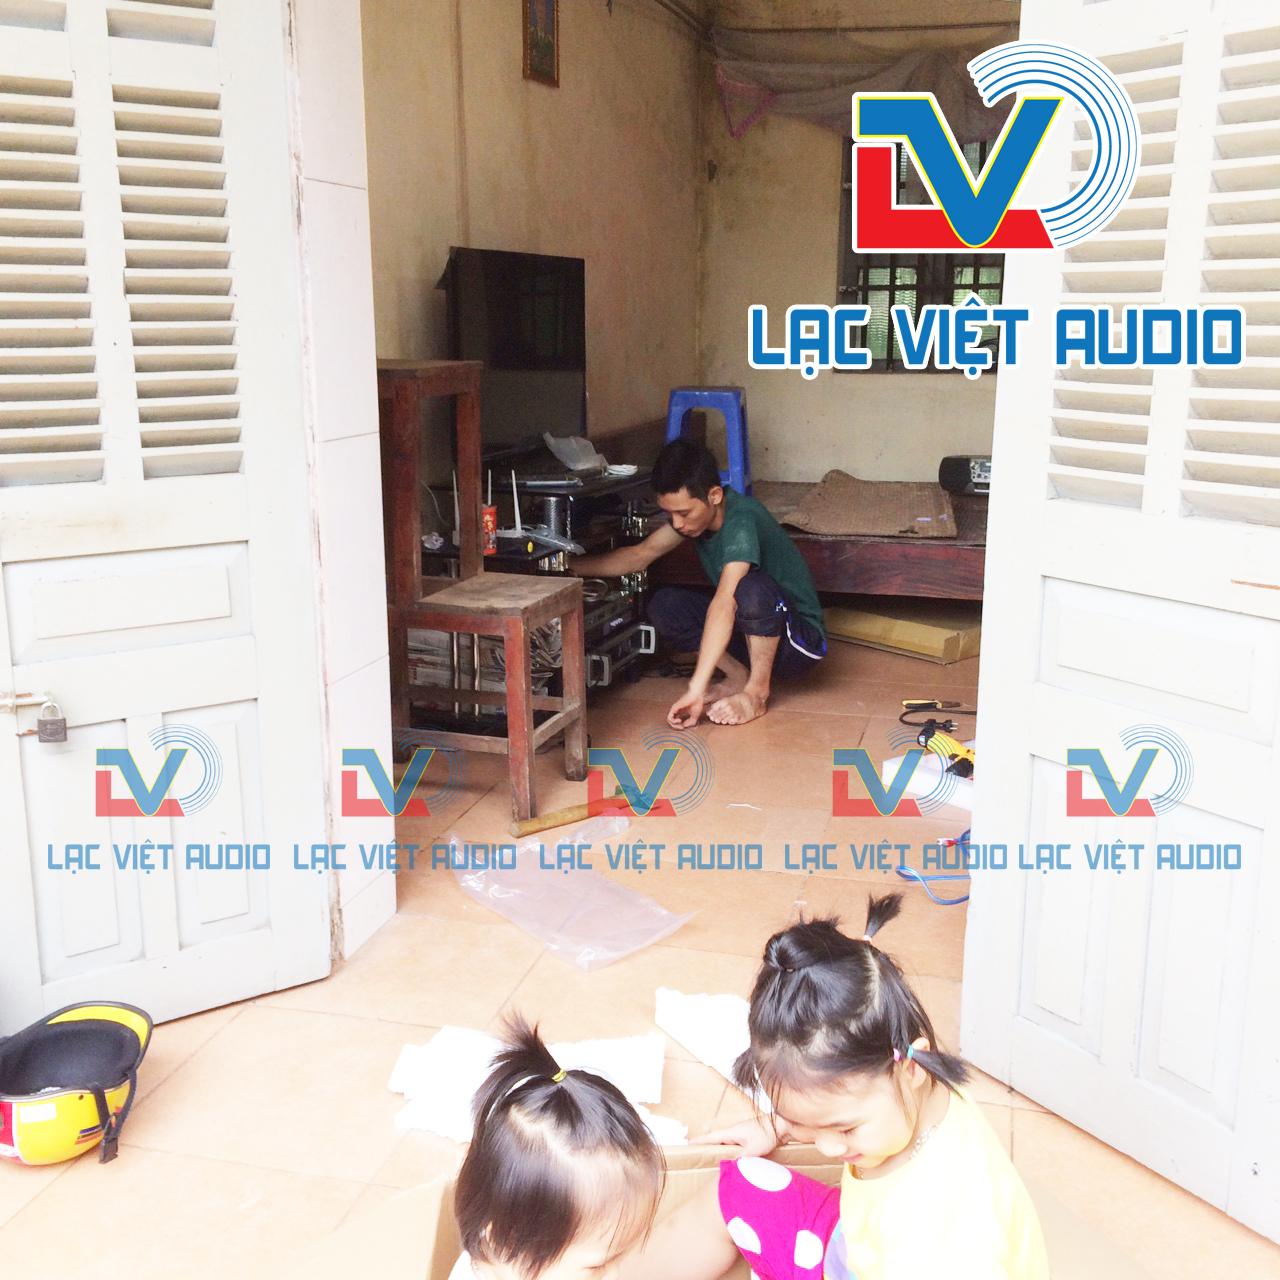 Sự chuyên nghiệp của kỹ thuật viên Lạc Việt Audio